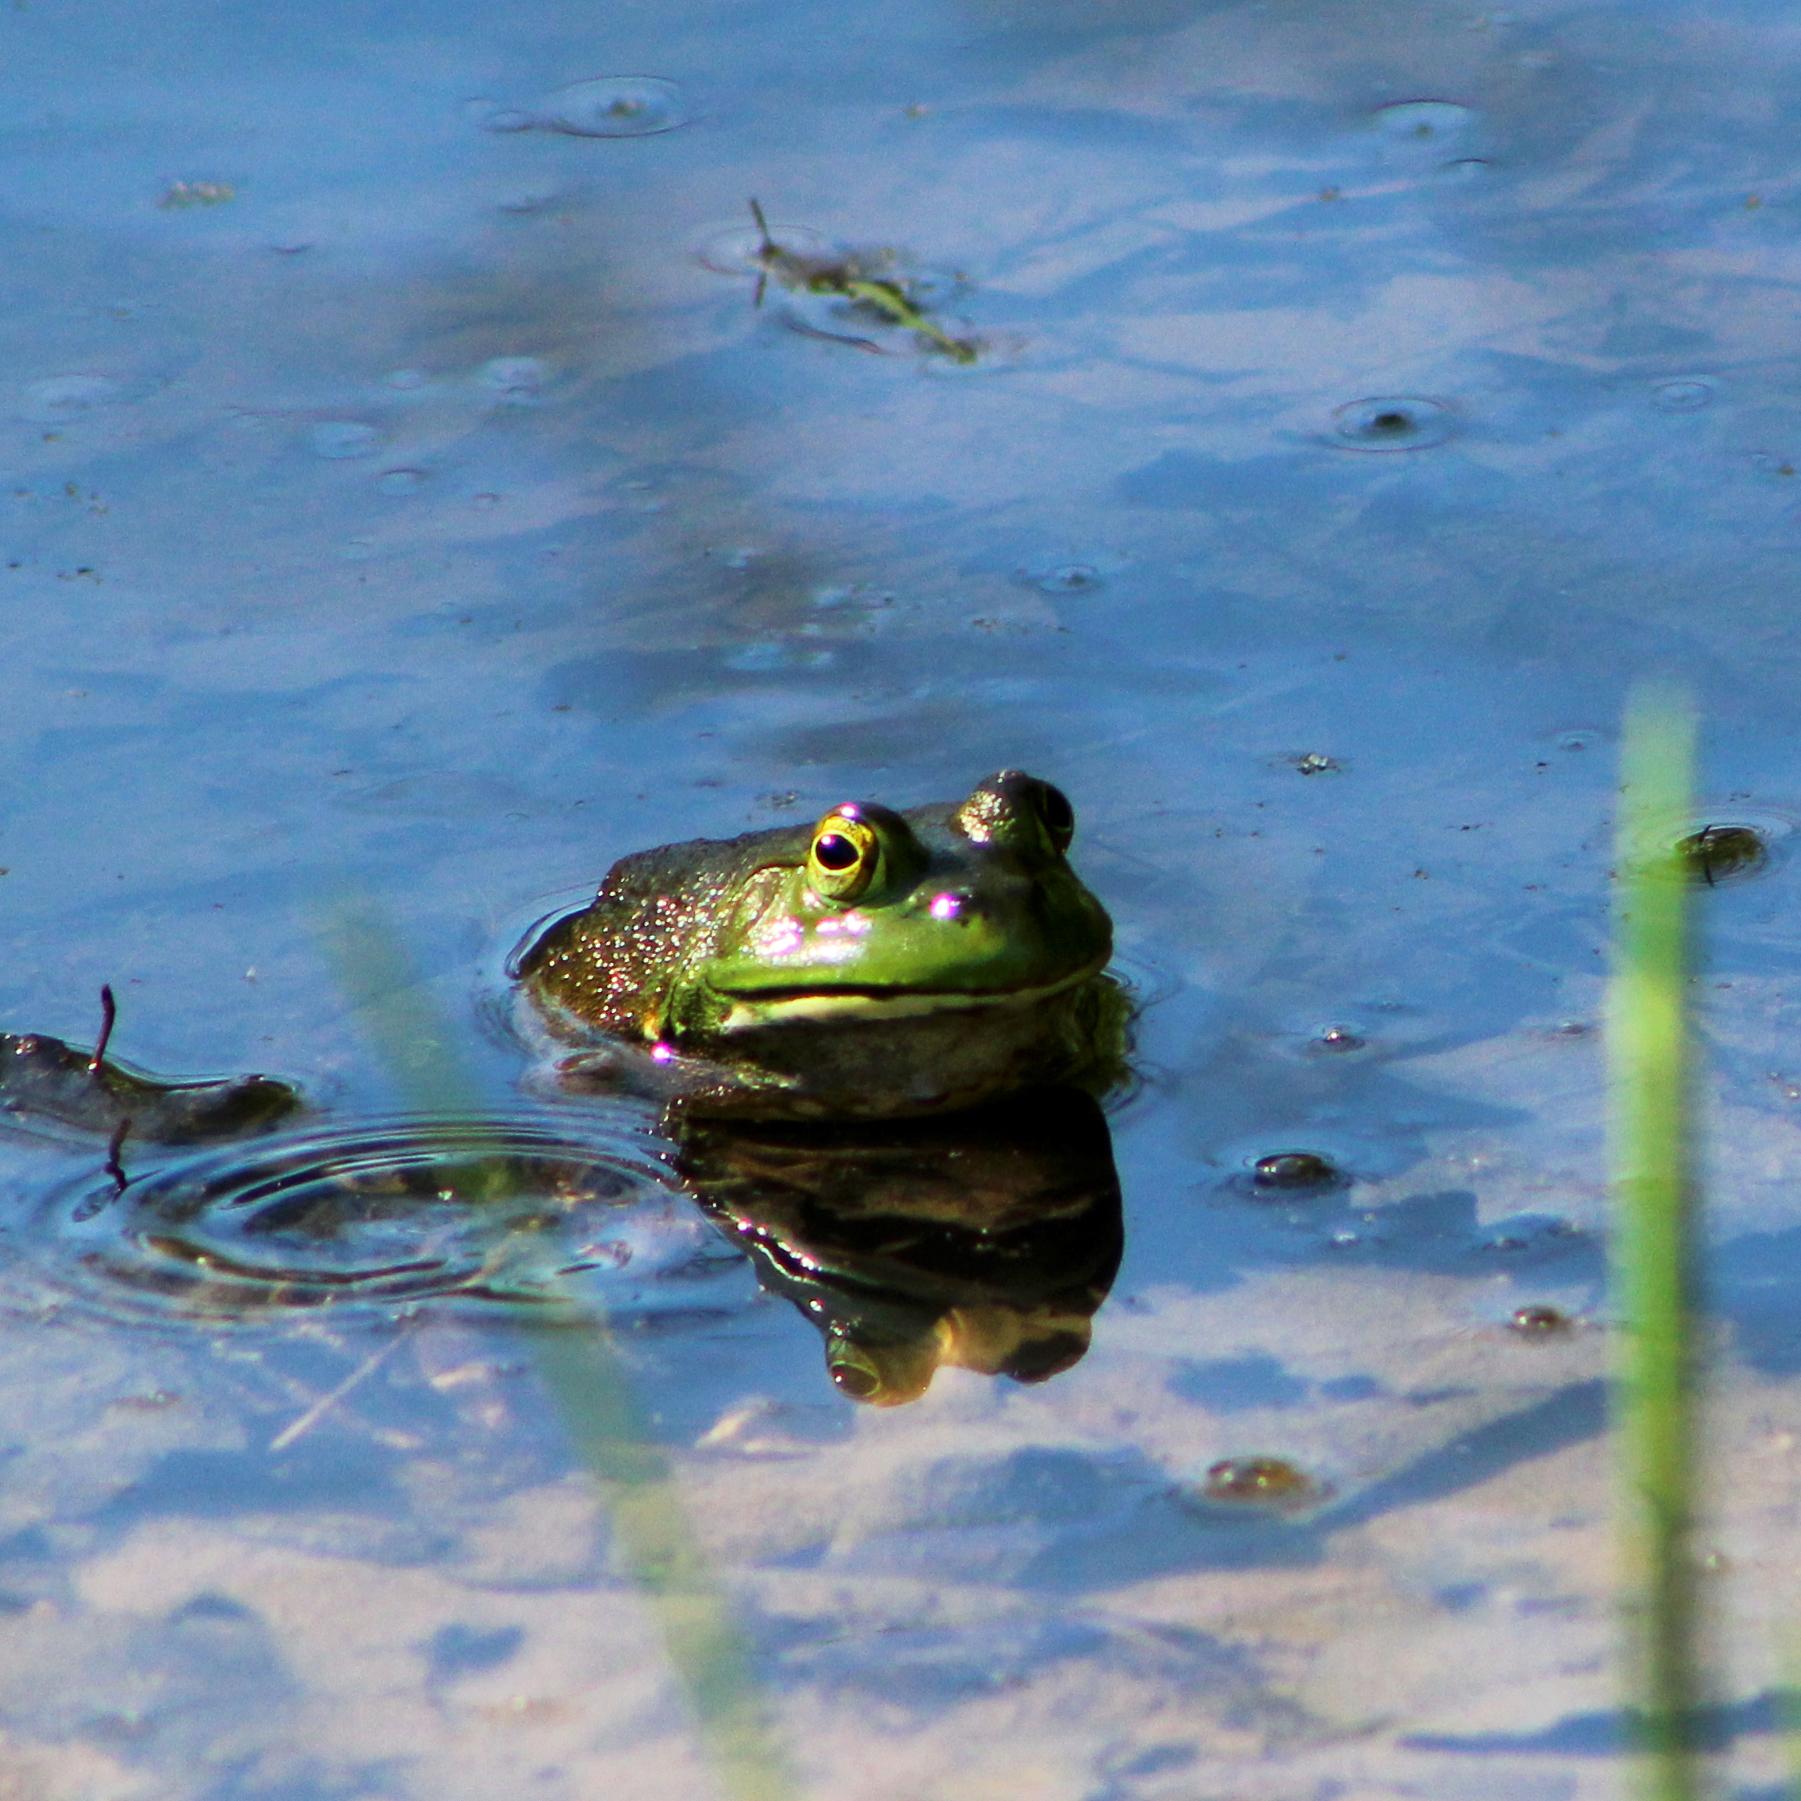 An American bullfrog (Lithobates catesbeianus) at Bernheim Forest in Louisville, Kentucky. June 5, 2021.